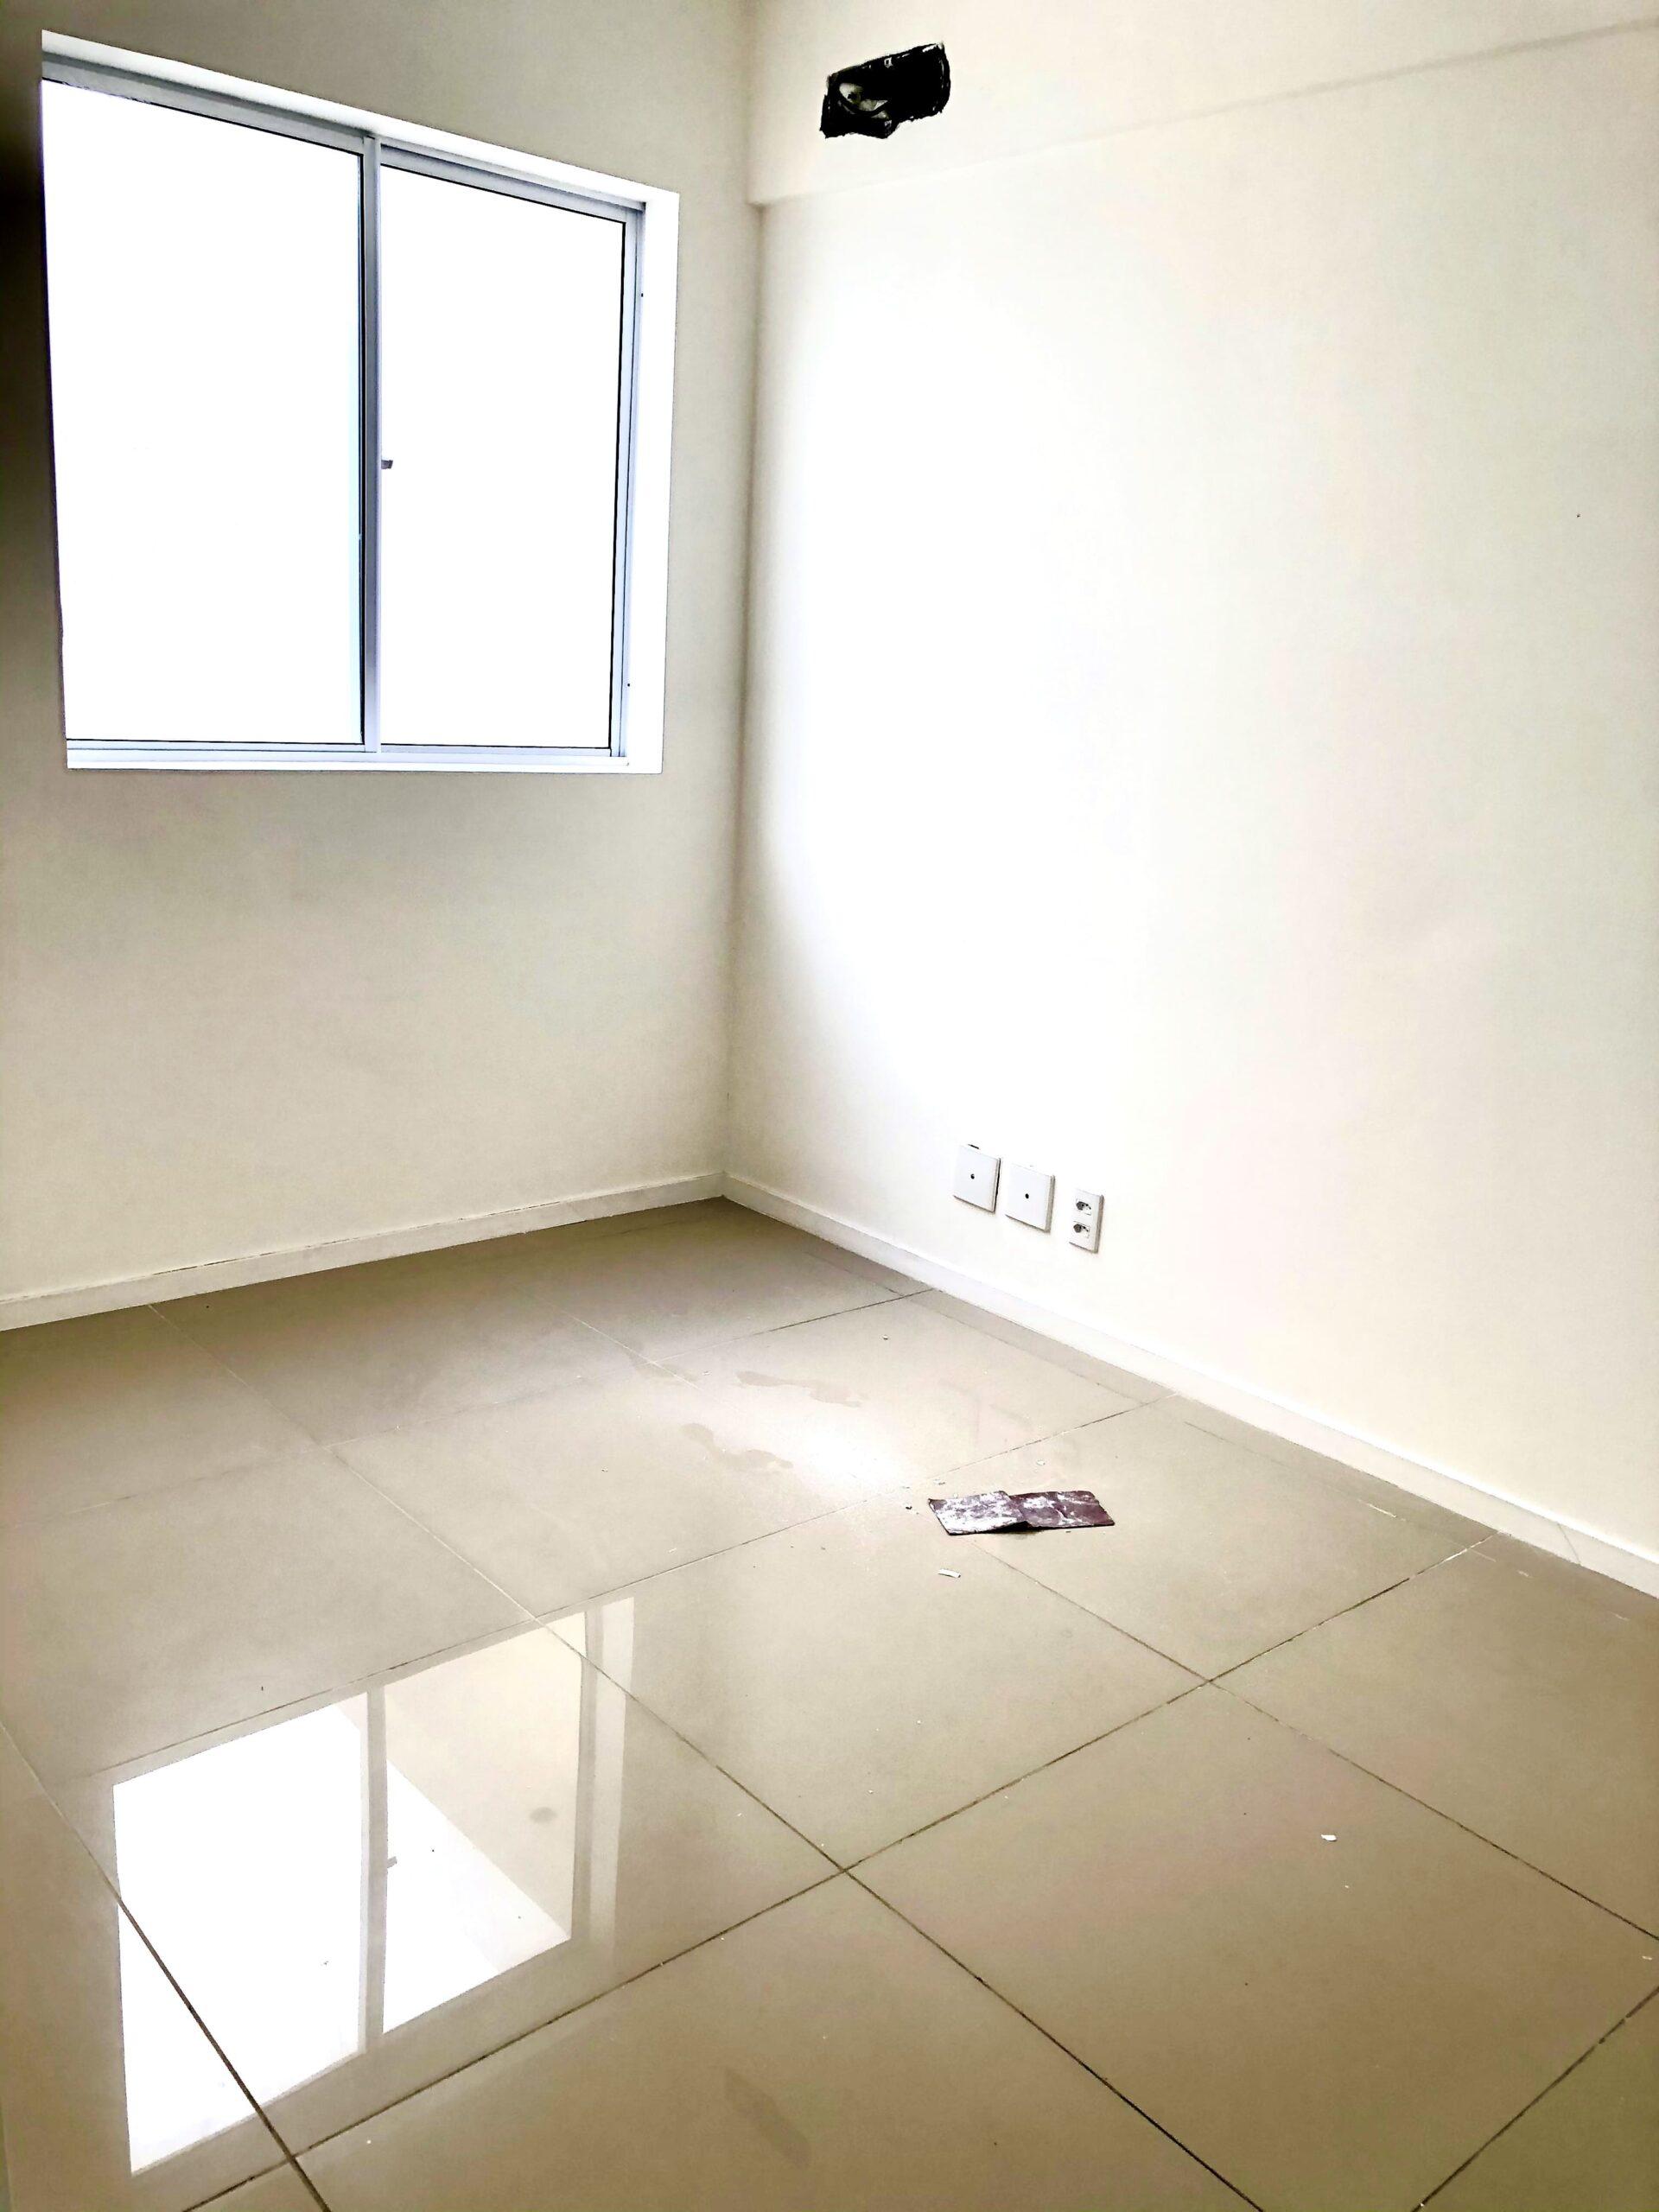 9 Apartamento para venda no Edifício Recanto das Palmeiras Teresina,3 Quartos, sendo 1 suíte, banheiro social, 1 vaga, piso em porcelanato